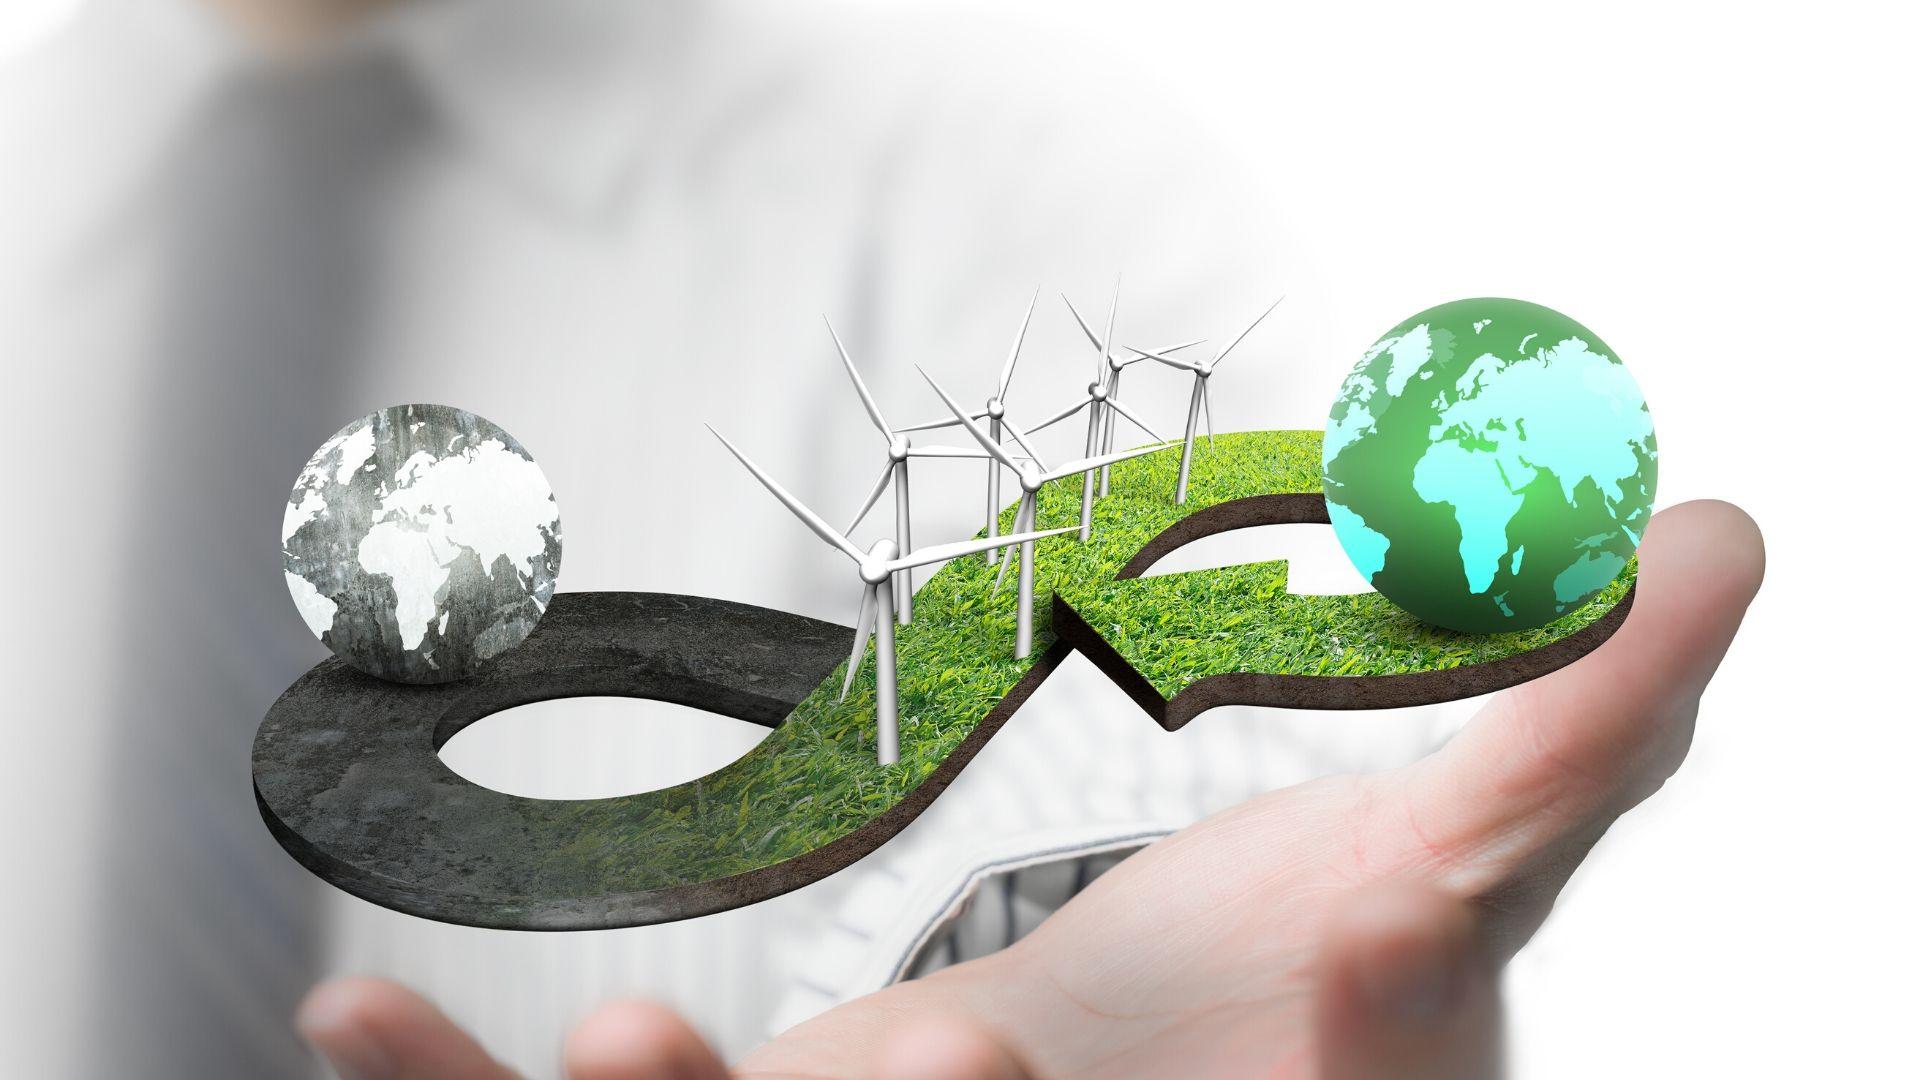 Participa en el concurso Desarrolla Inversión Productiva para proyectos de inversión en Economía Circular, cofinanciará hasta $20.000.000.